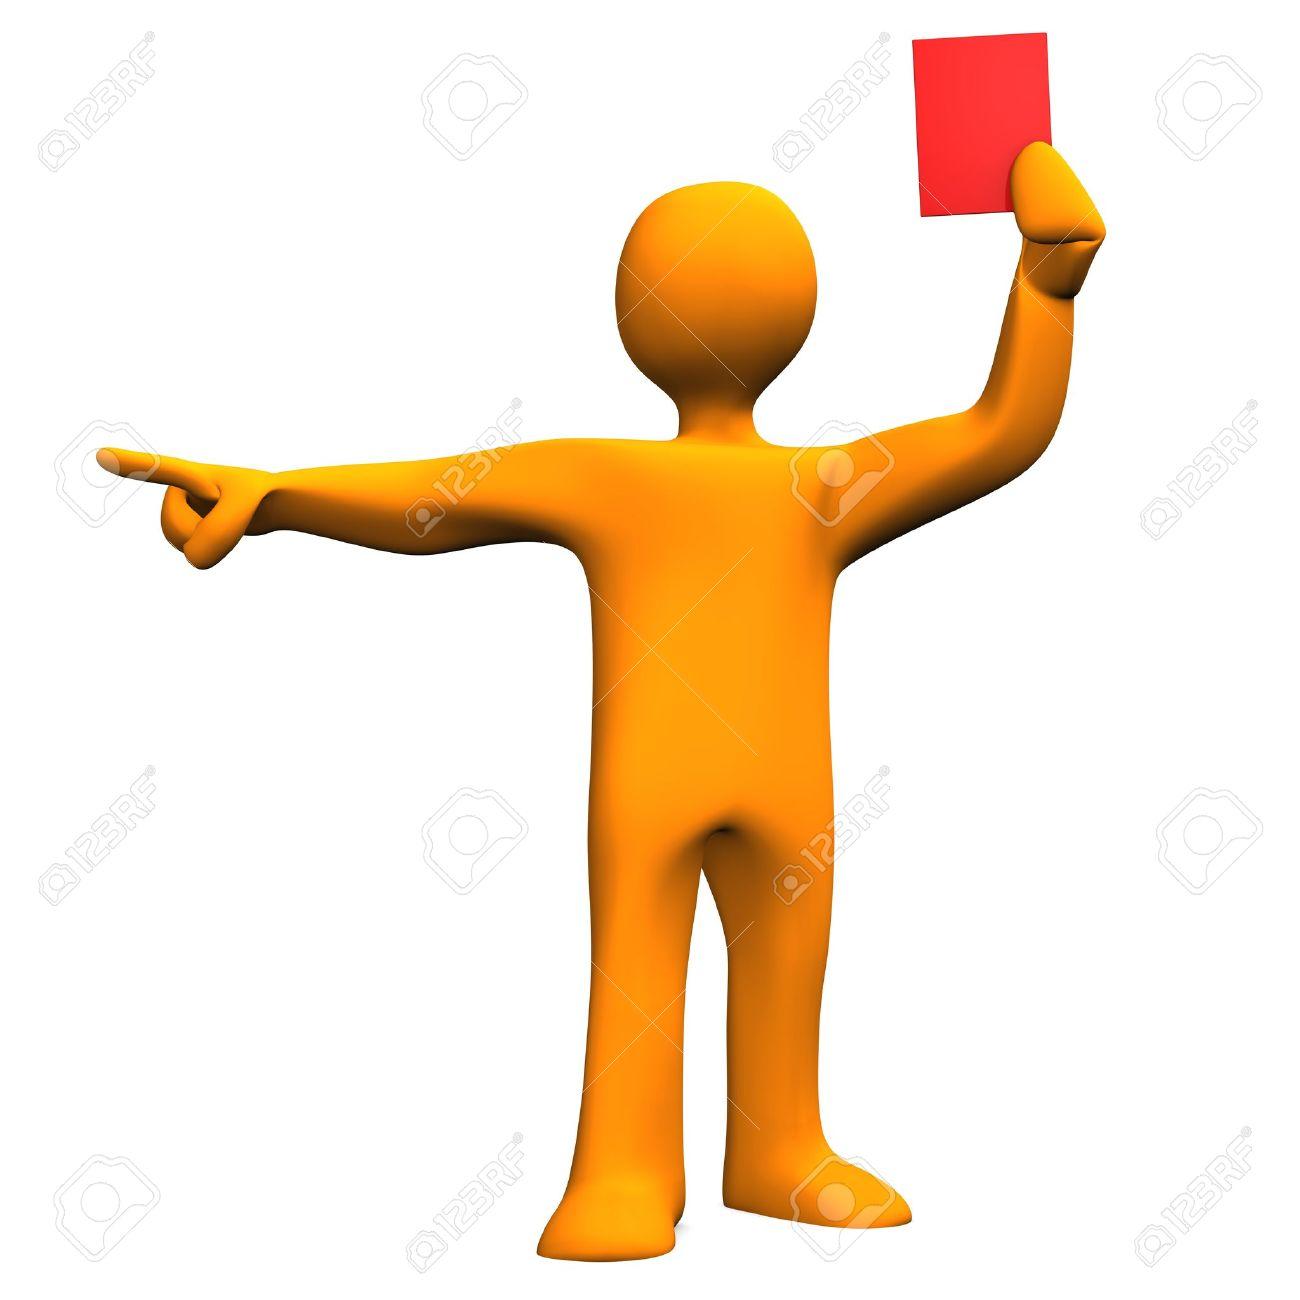 Personnage De Dessin Animé Orange Comme Arbitre Avec La Carte Rouge